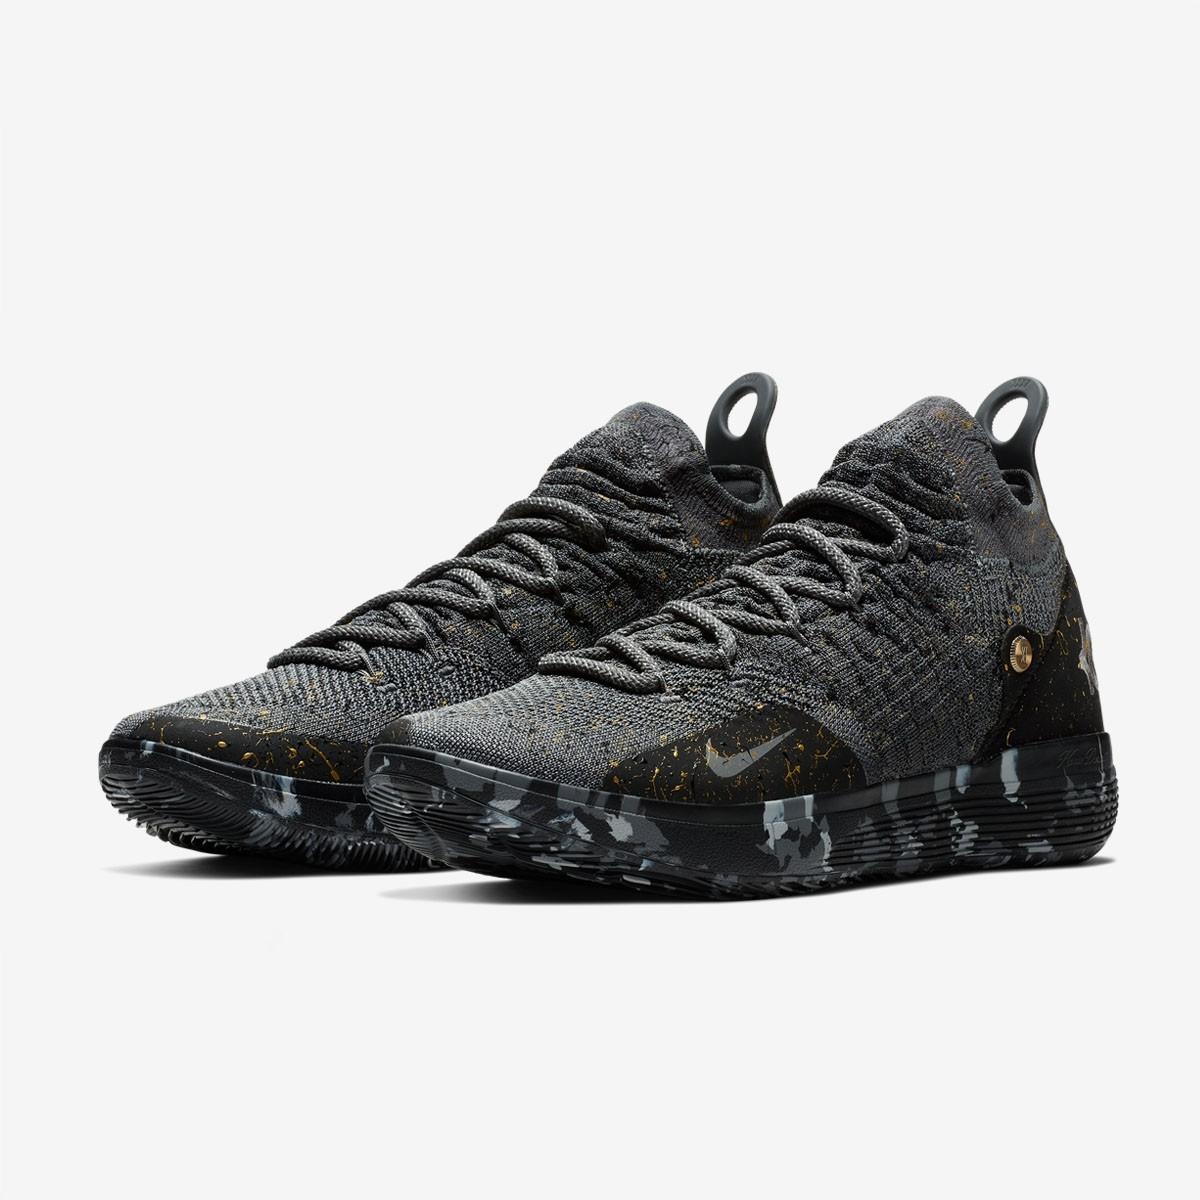 Nike KD 11 'Gold Splatter' AO2604-901